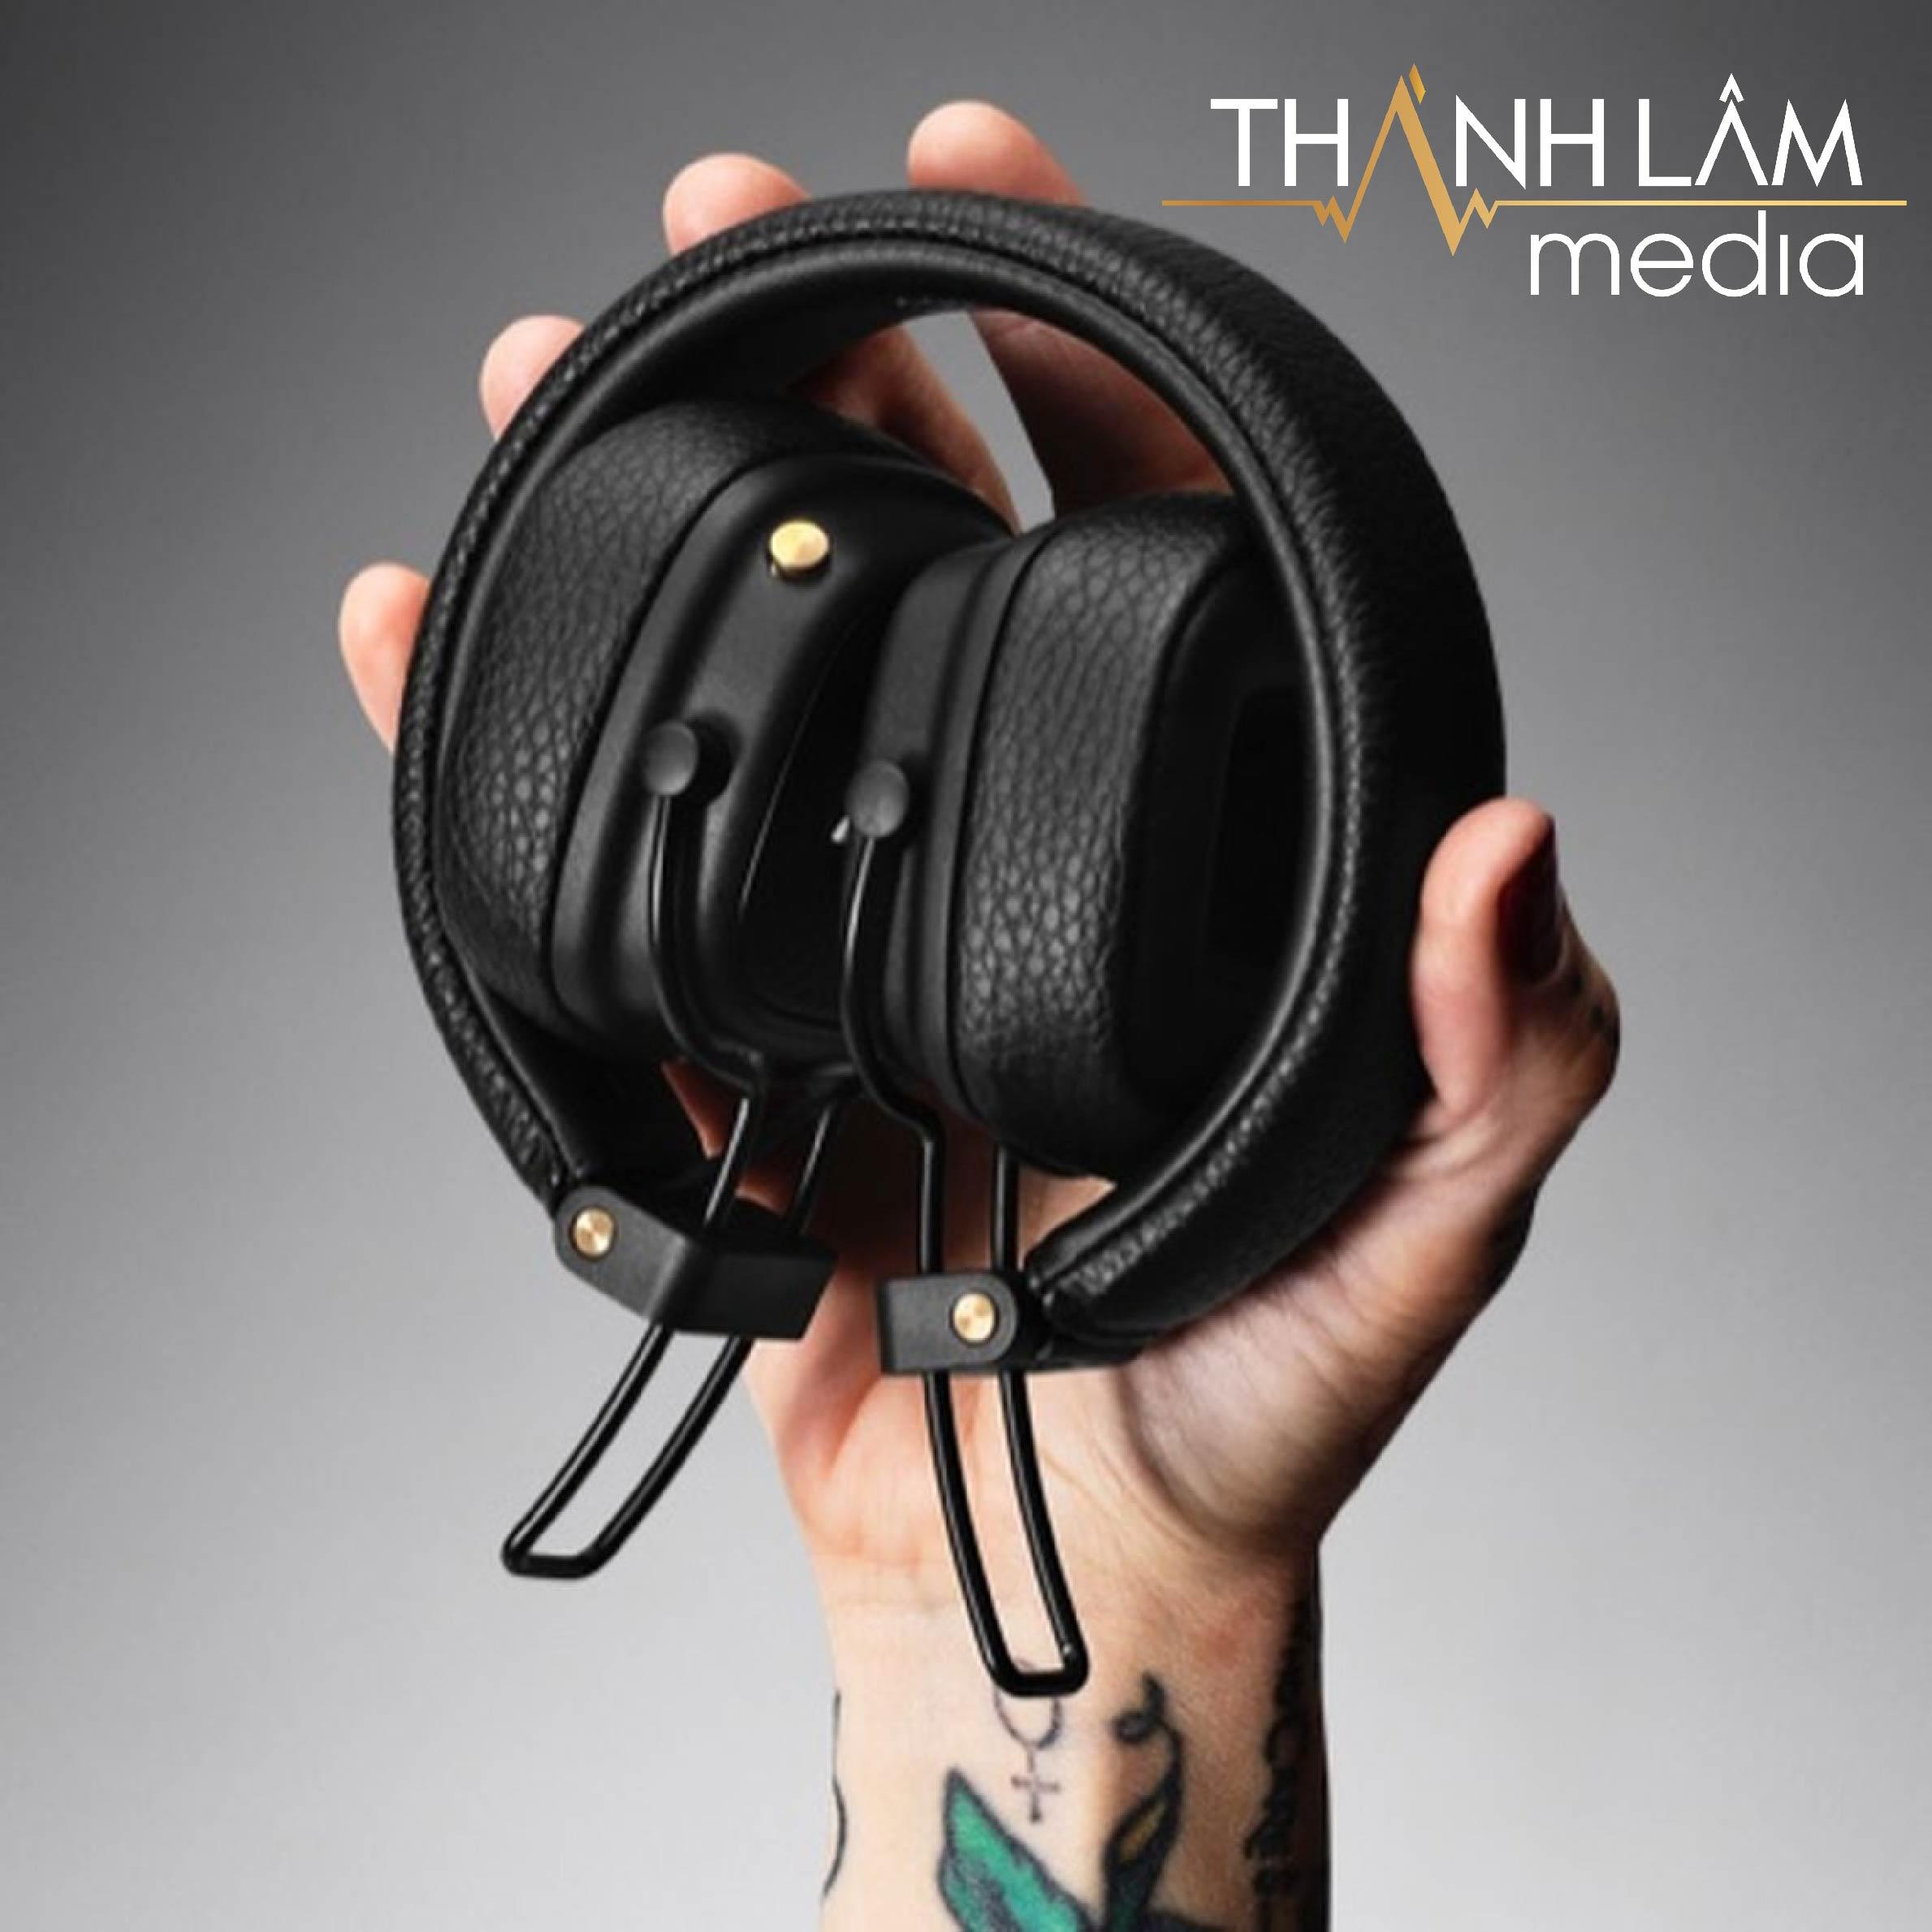 Marshall Major 3 Bluetooth - Tai nghe nhỏ gọn, tiện lợi với dải âm cao tuyệt vời 6